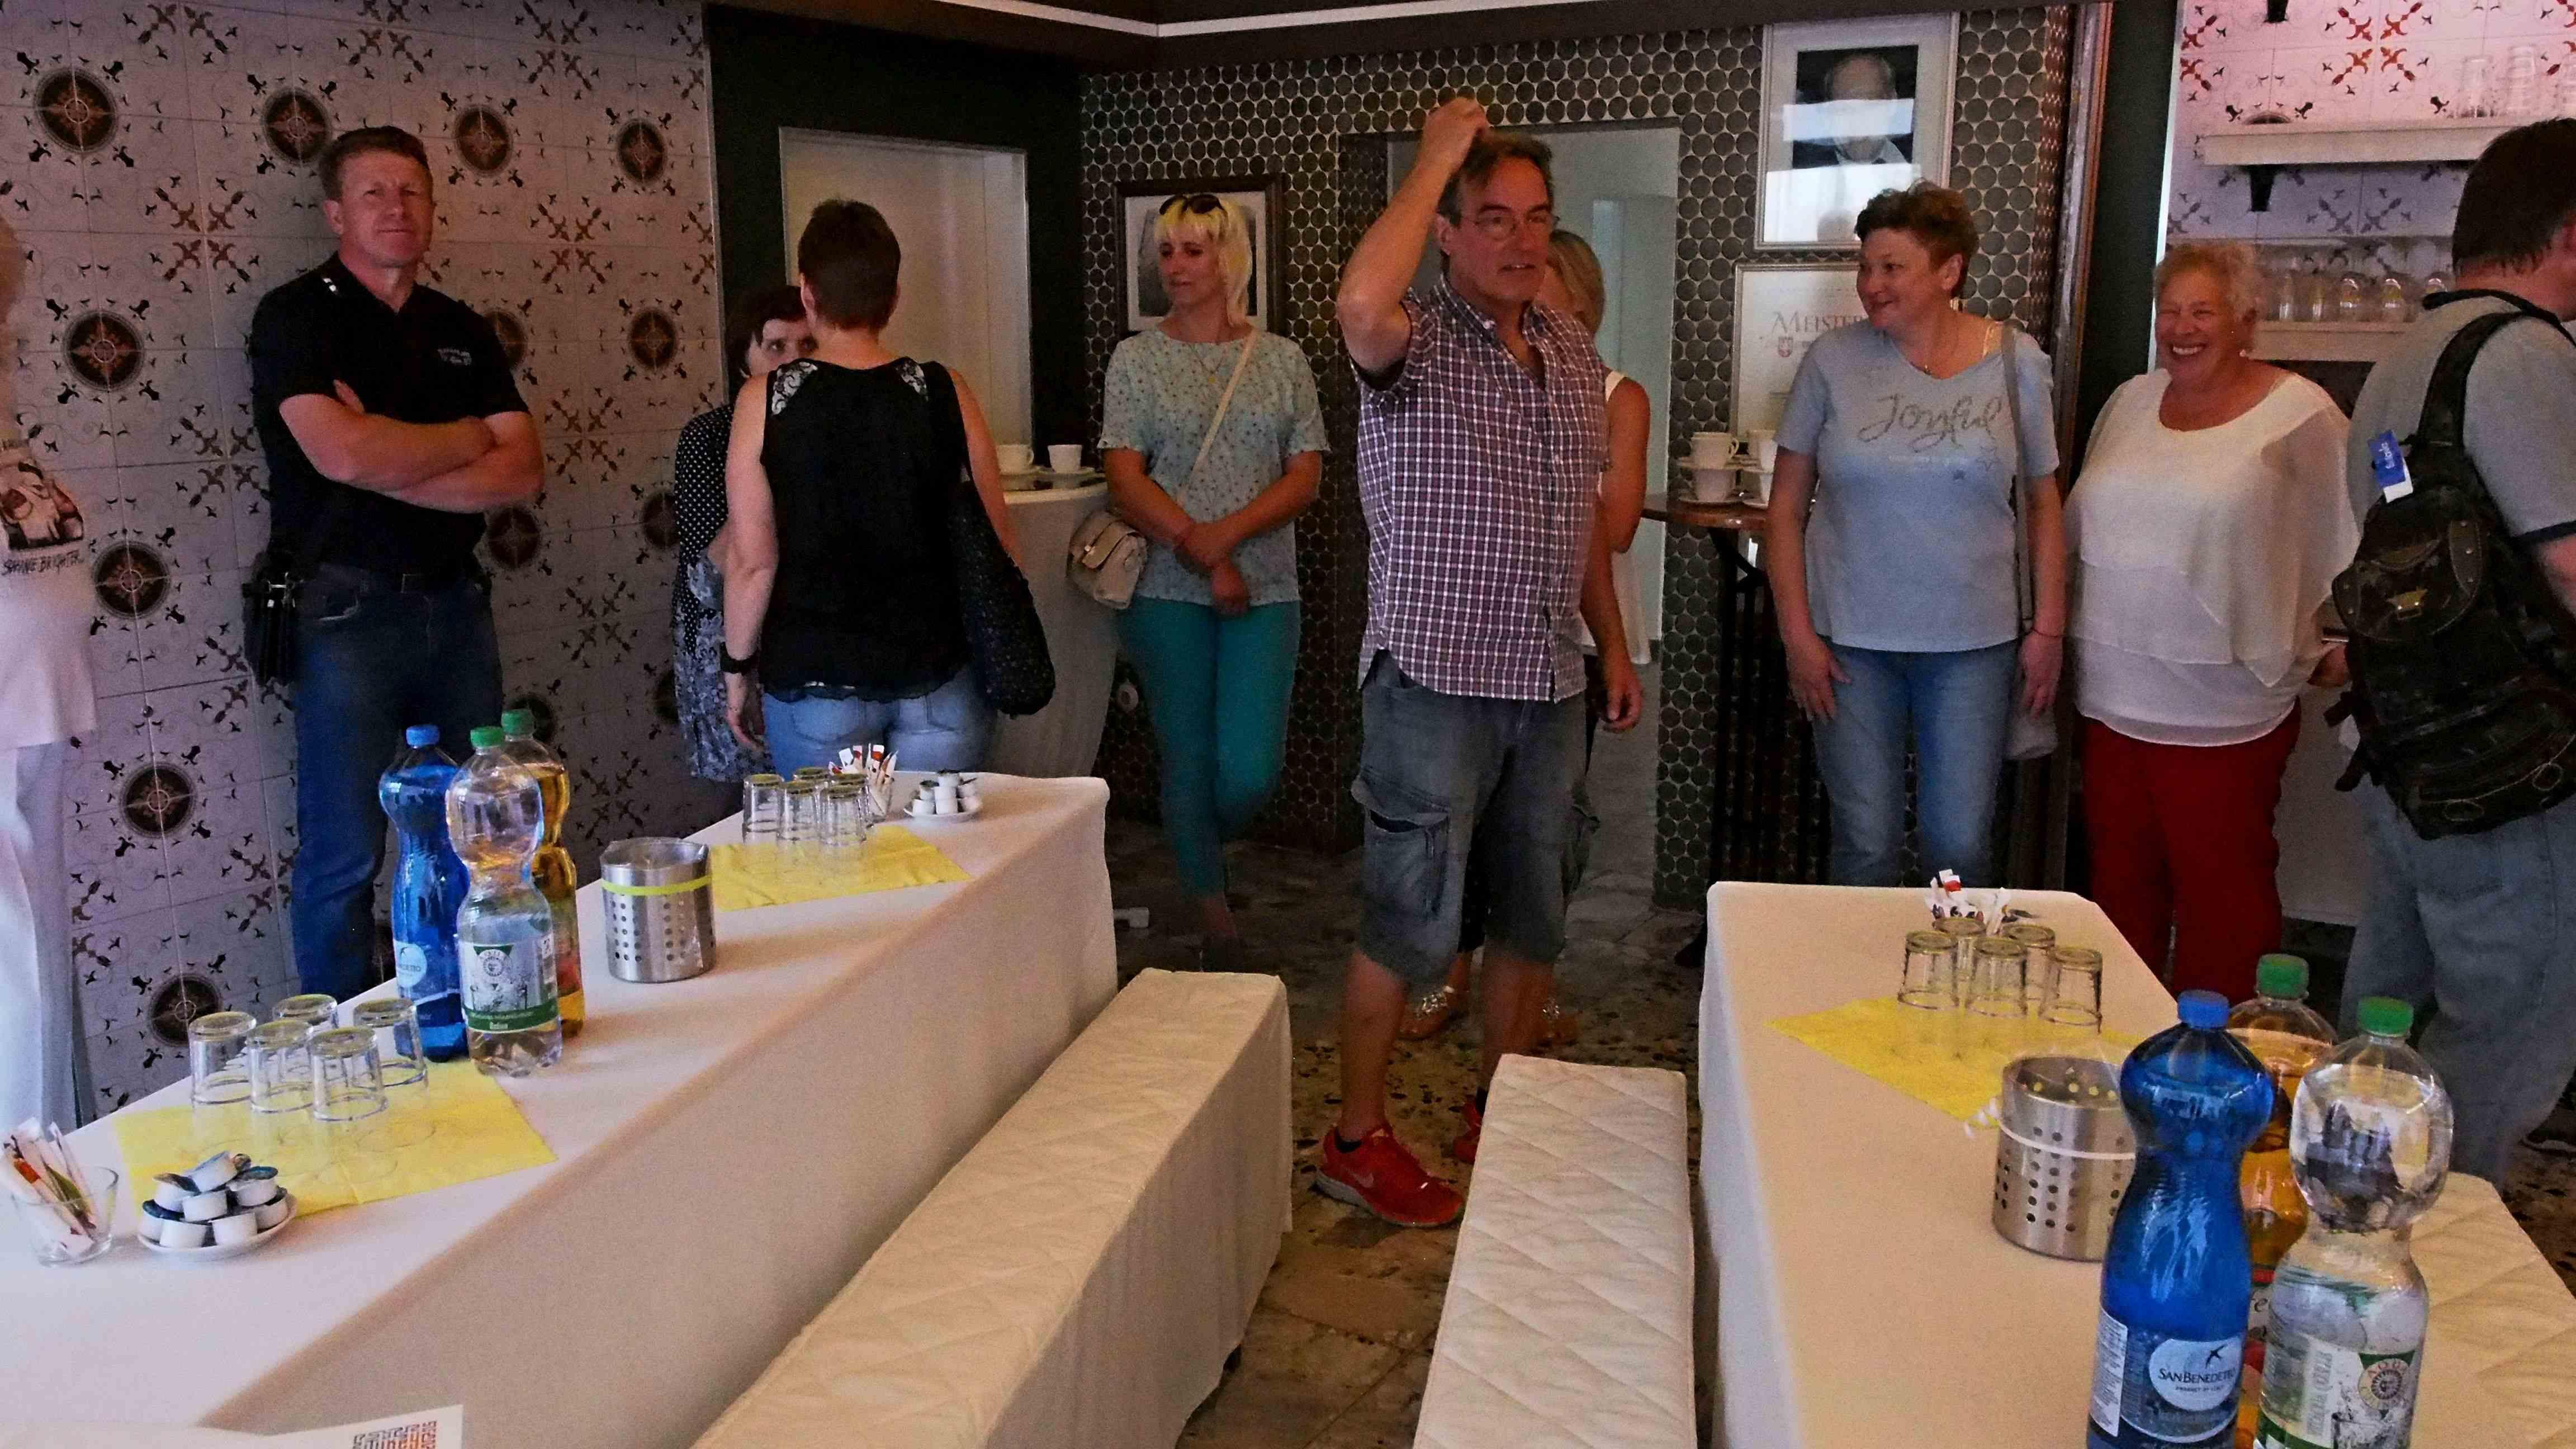 Begrüßung der Gäste in der Empfangslounge des Vereins am 27.5.18